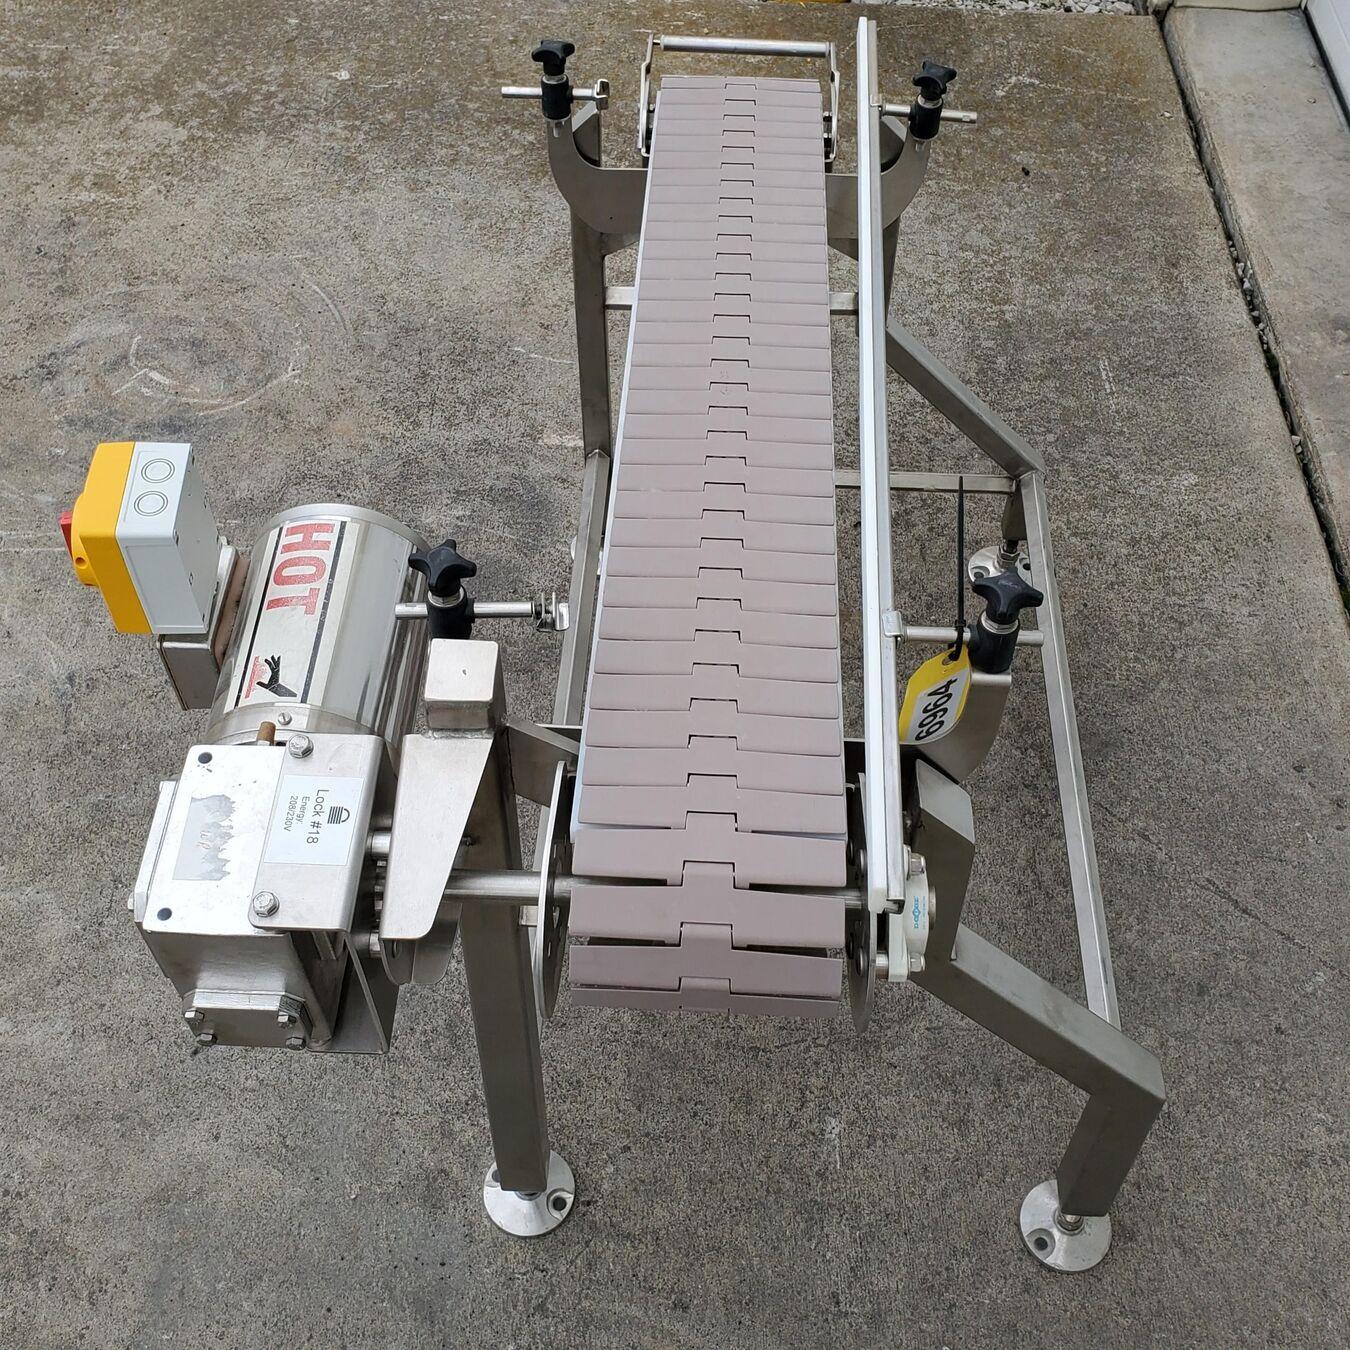 Used NextConveyor Stainless Steel Washdown Plastic Link Belt Conveyor